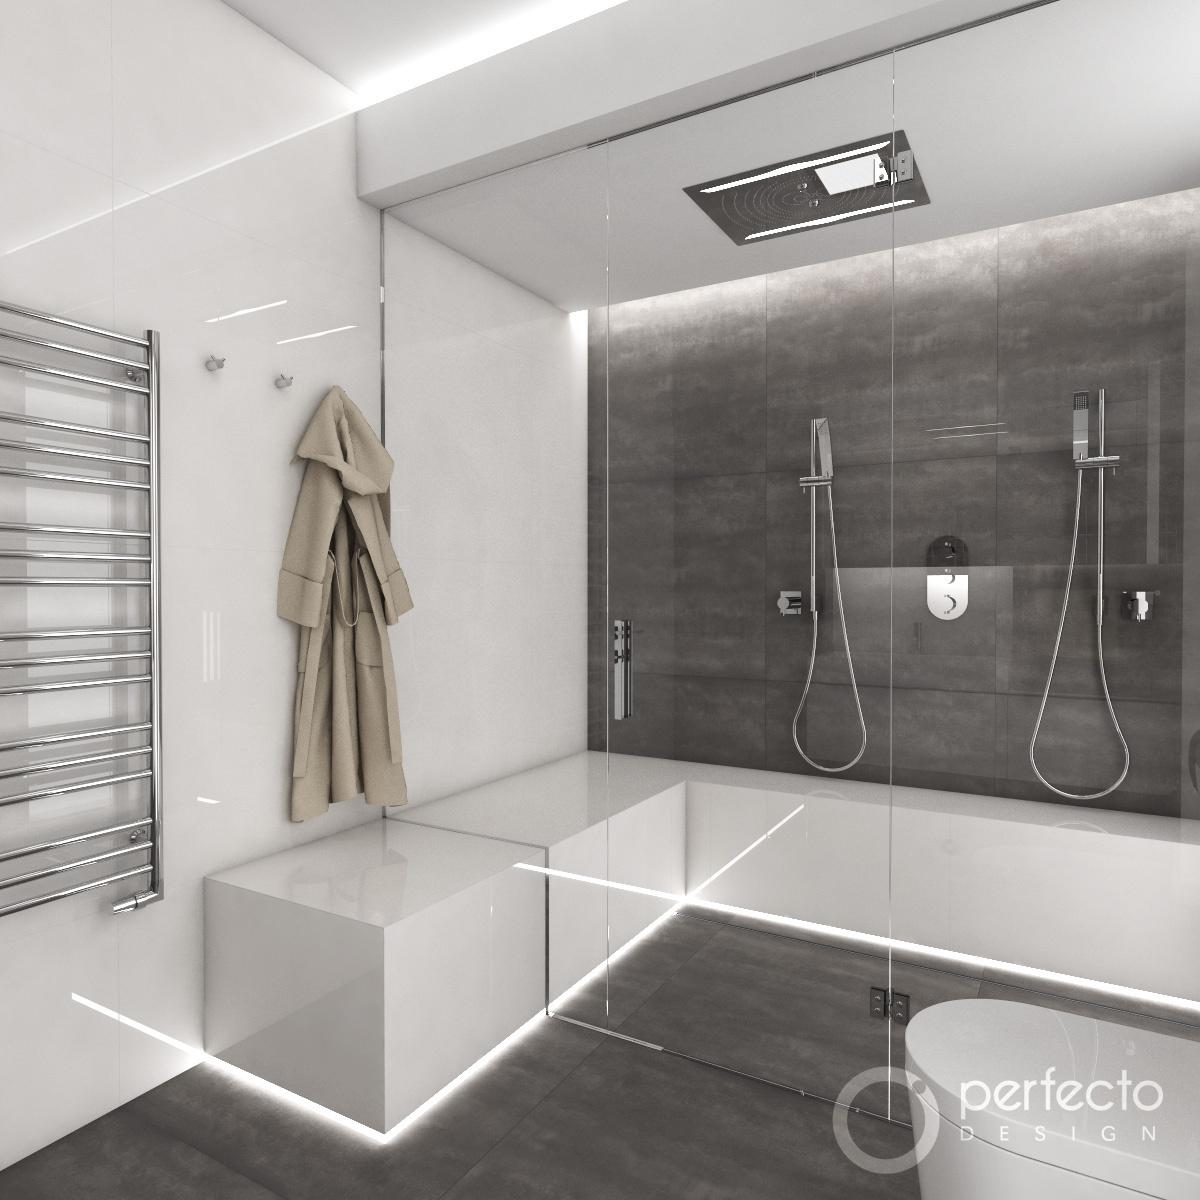 modernes badezimmer minimal visualisierung - Modernes Badezimmer